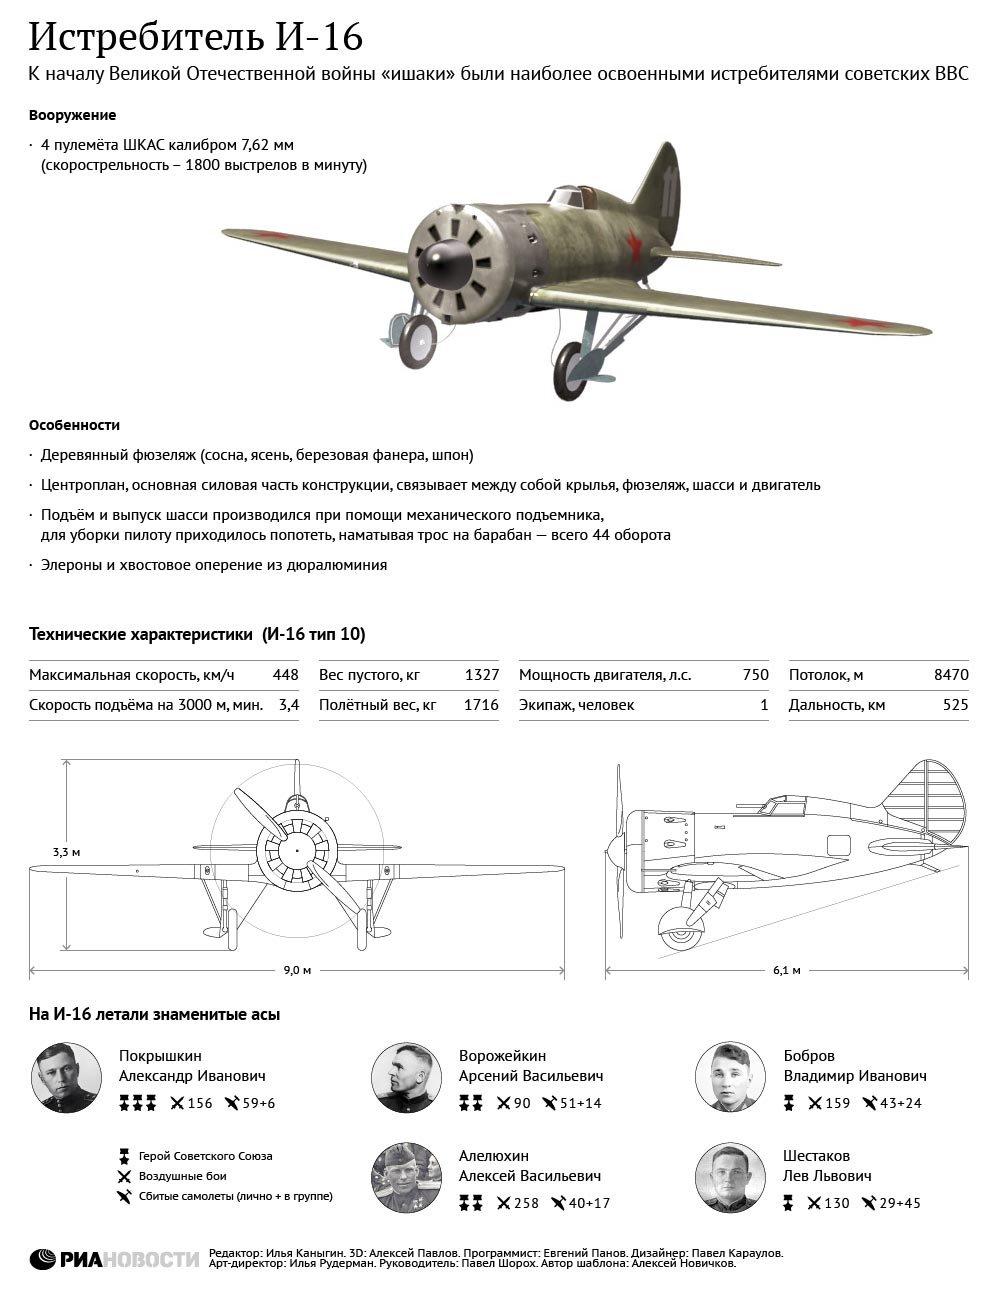 И-16 — основа истребительной авиации СССР